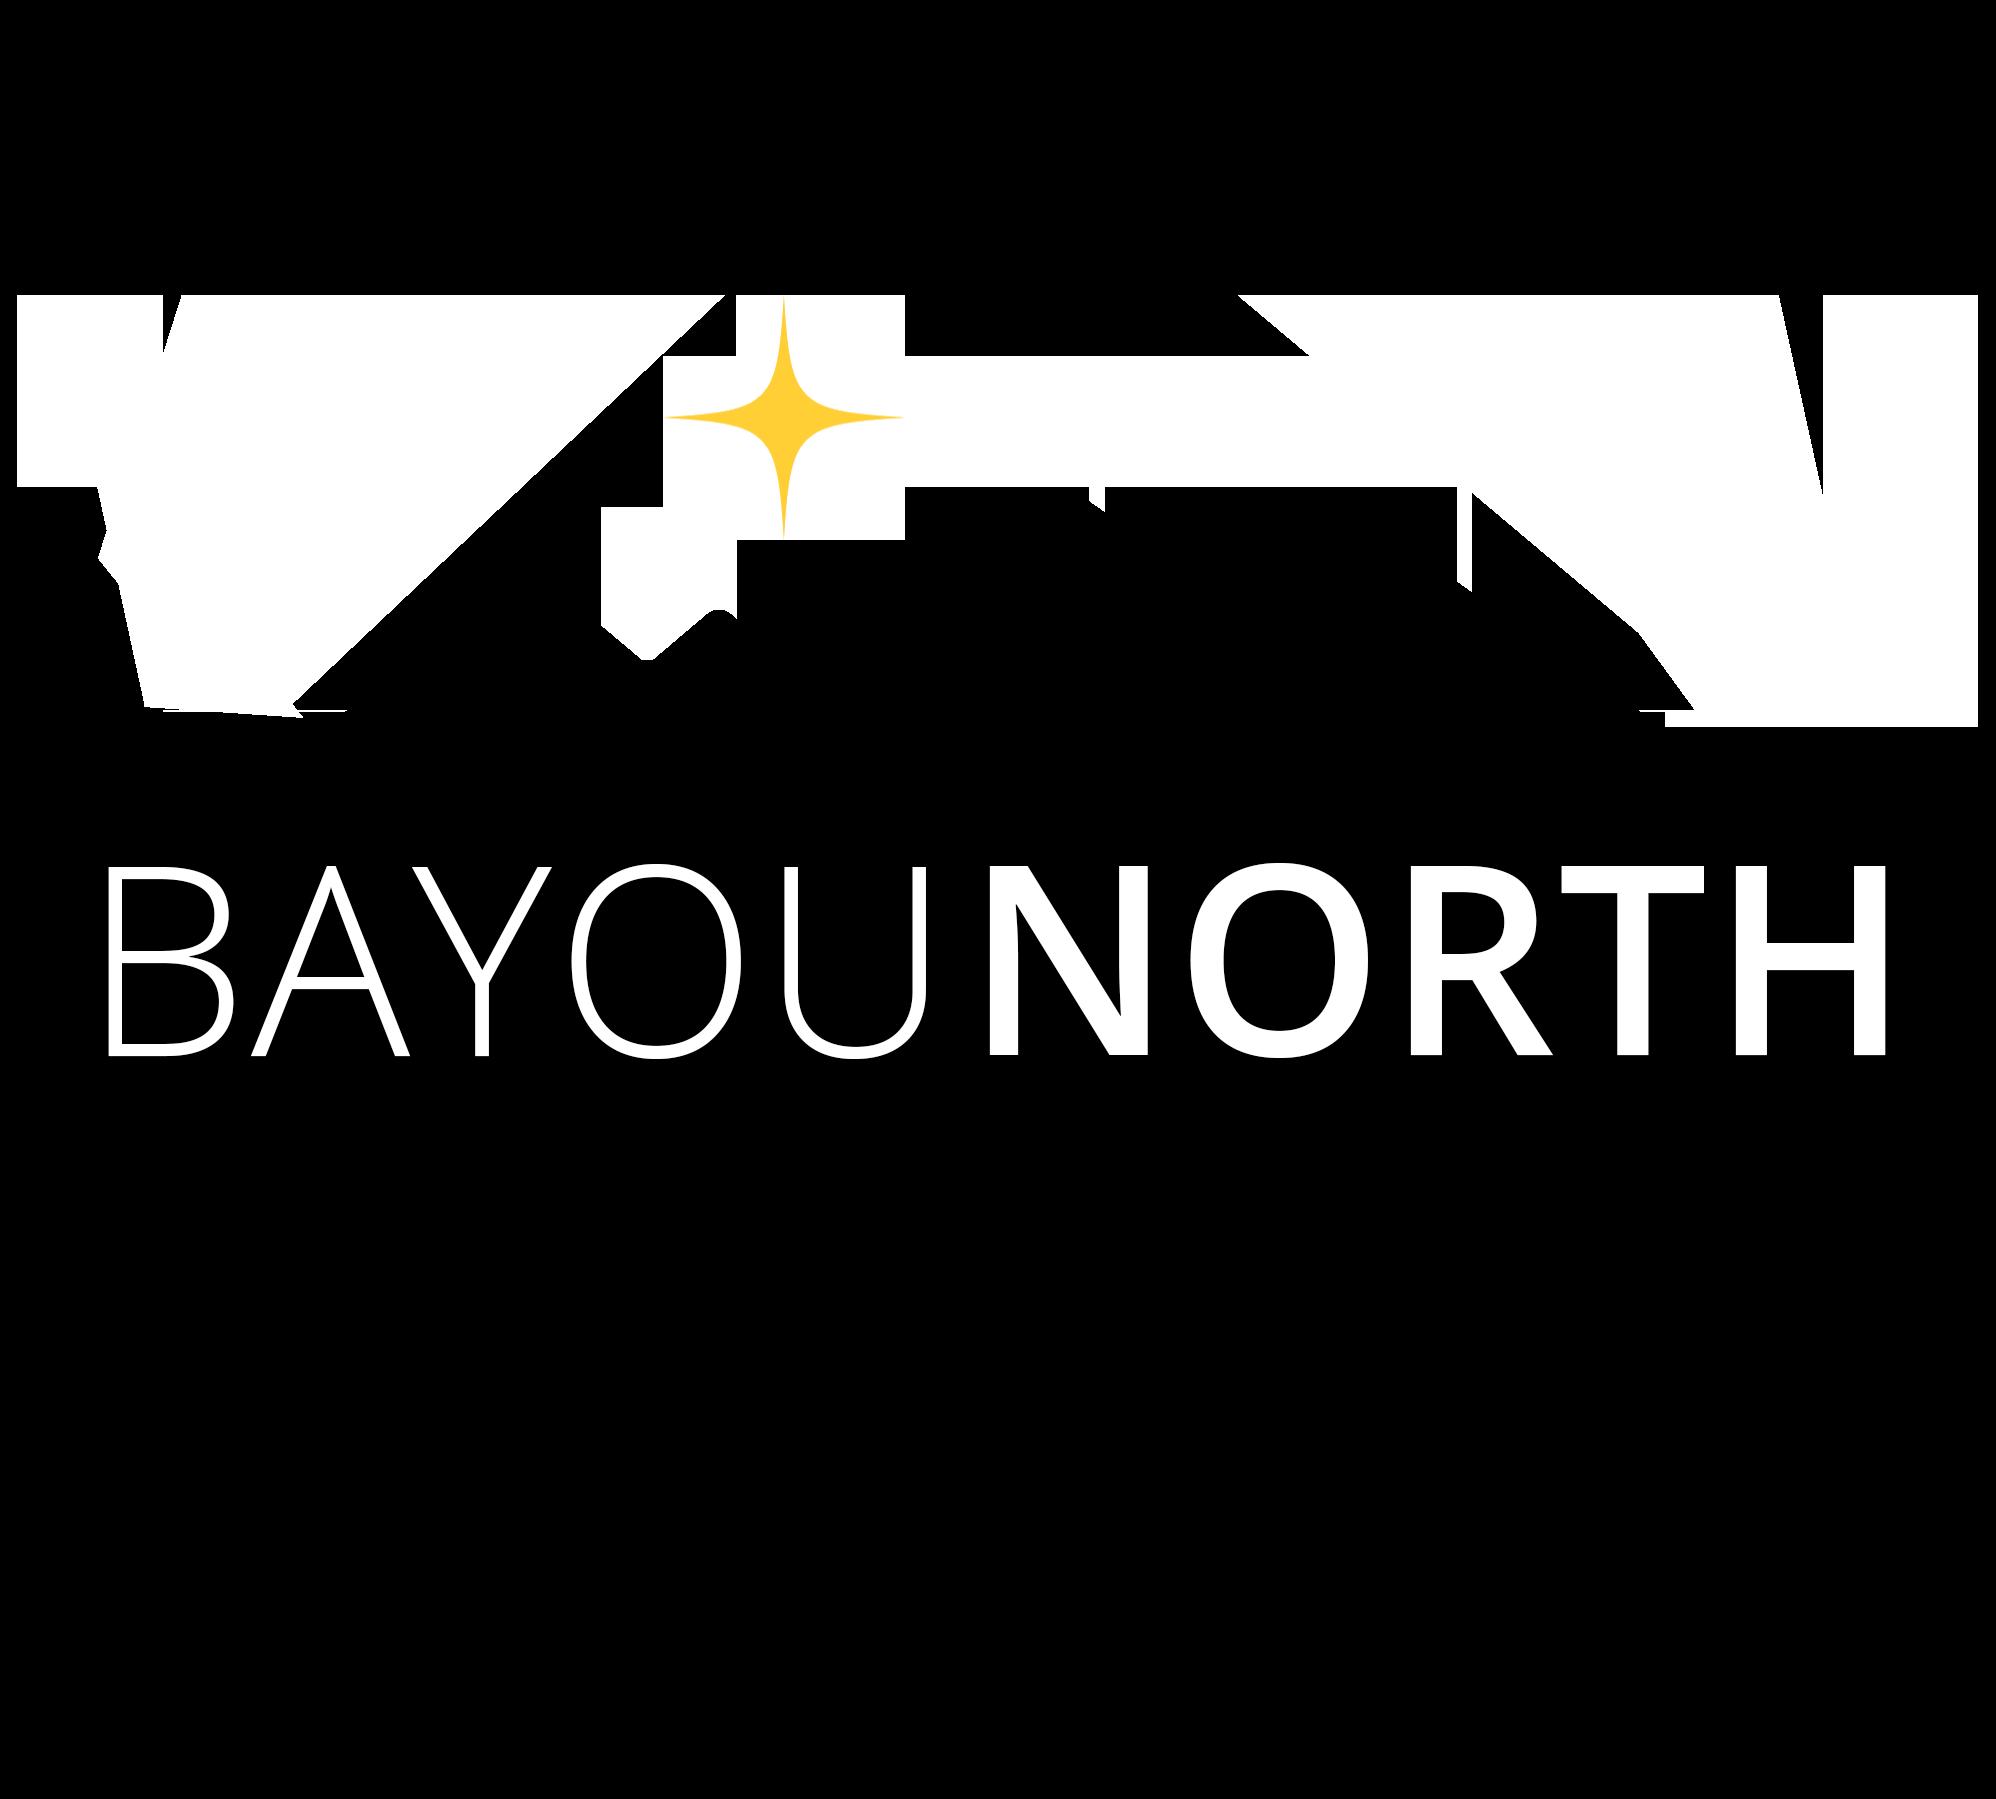 BayouNorth